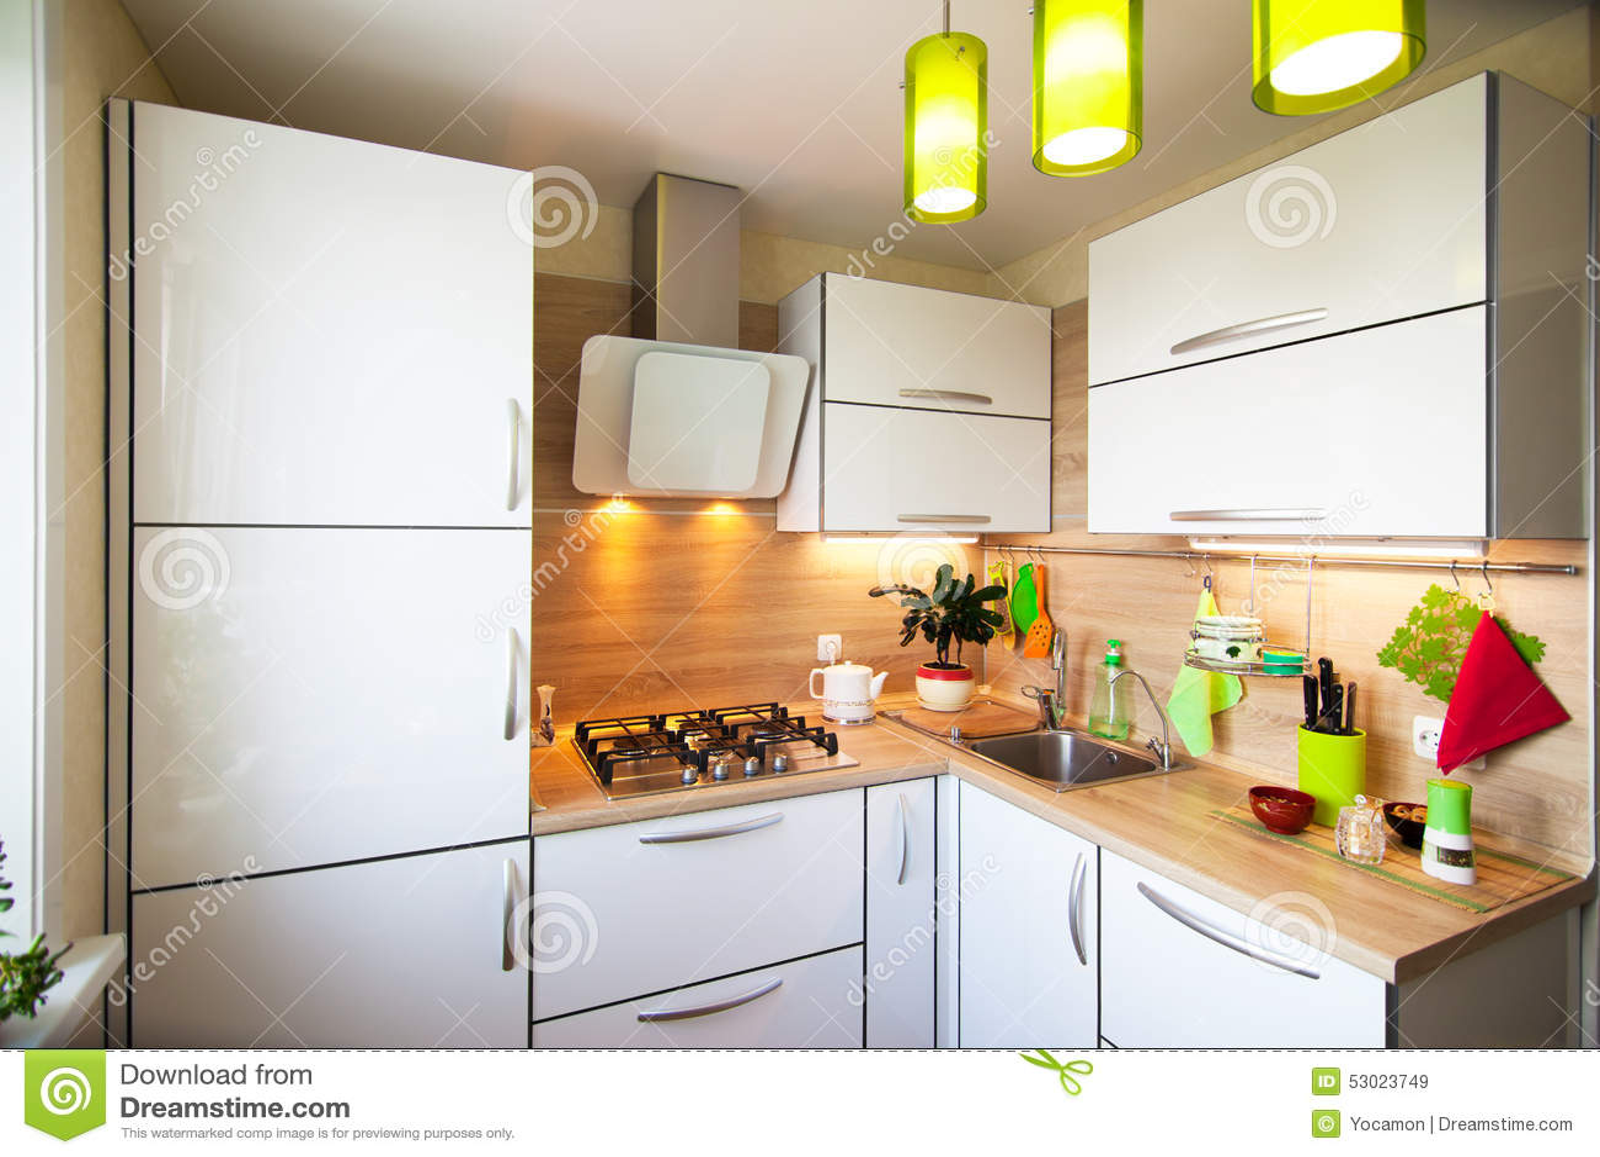 Vit  och bruntinre för litet kök arkivfoto   bild: 53023749